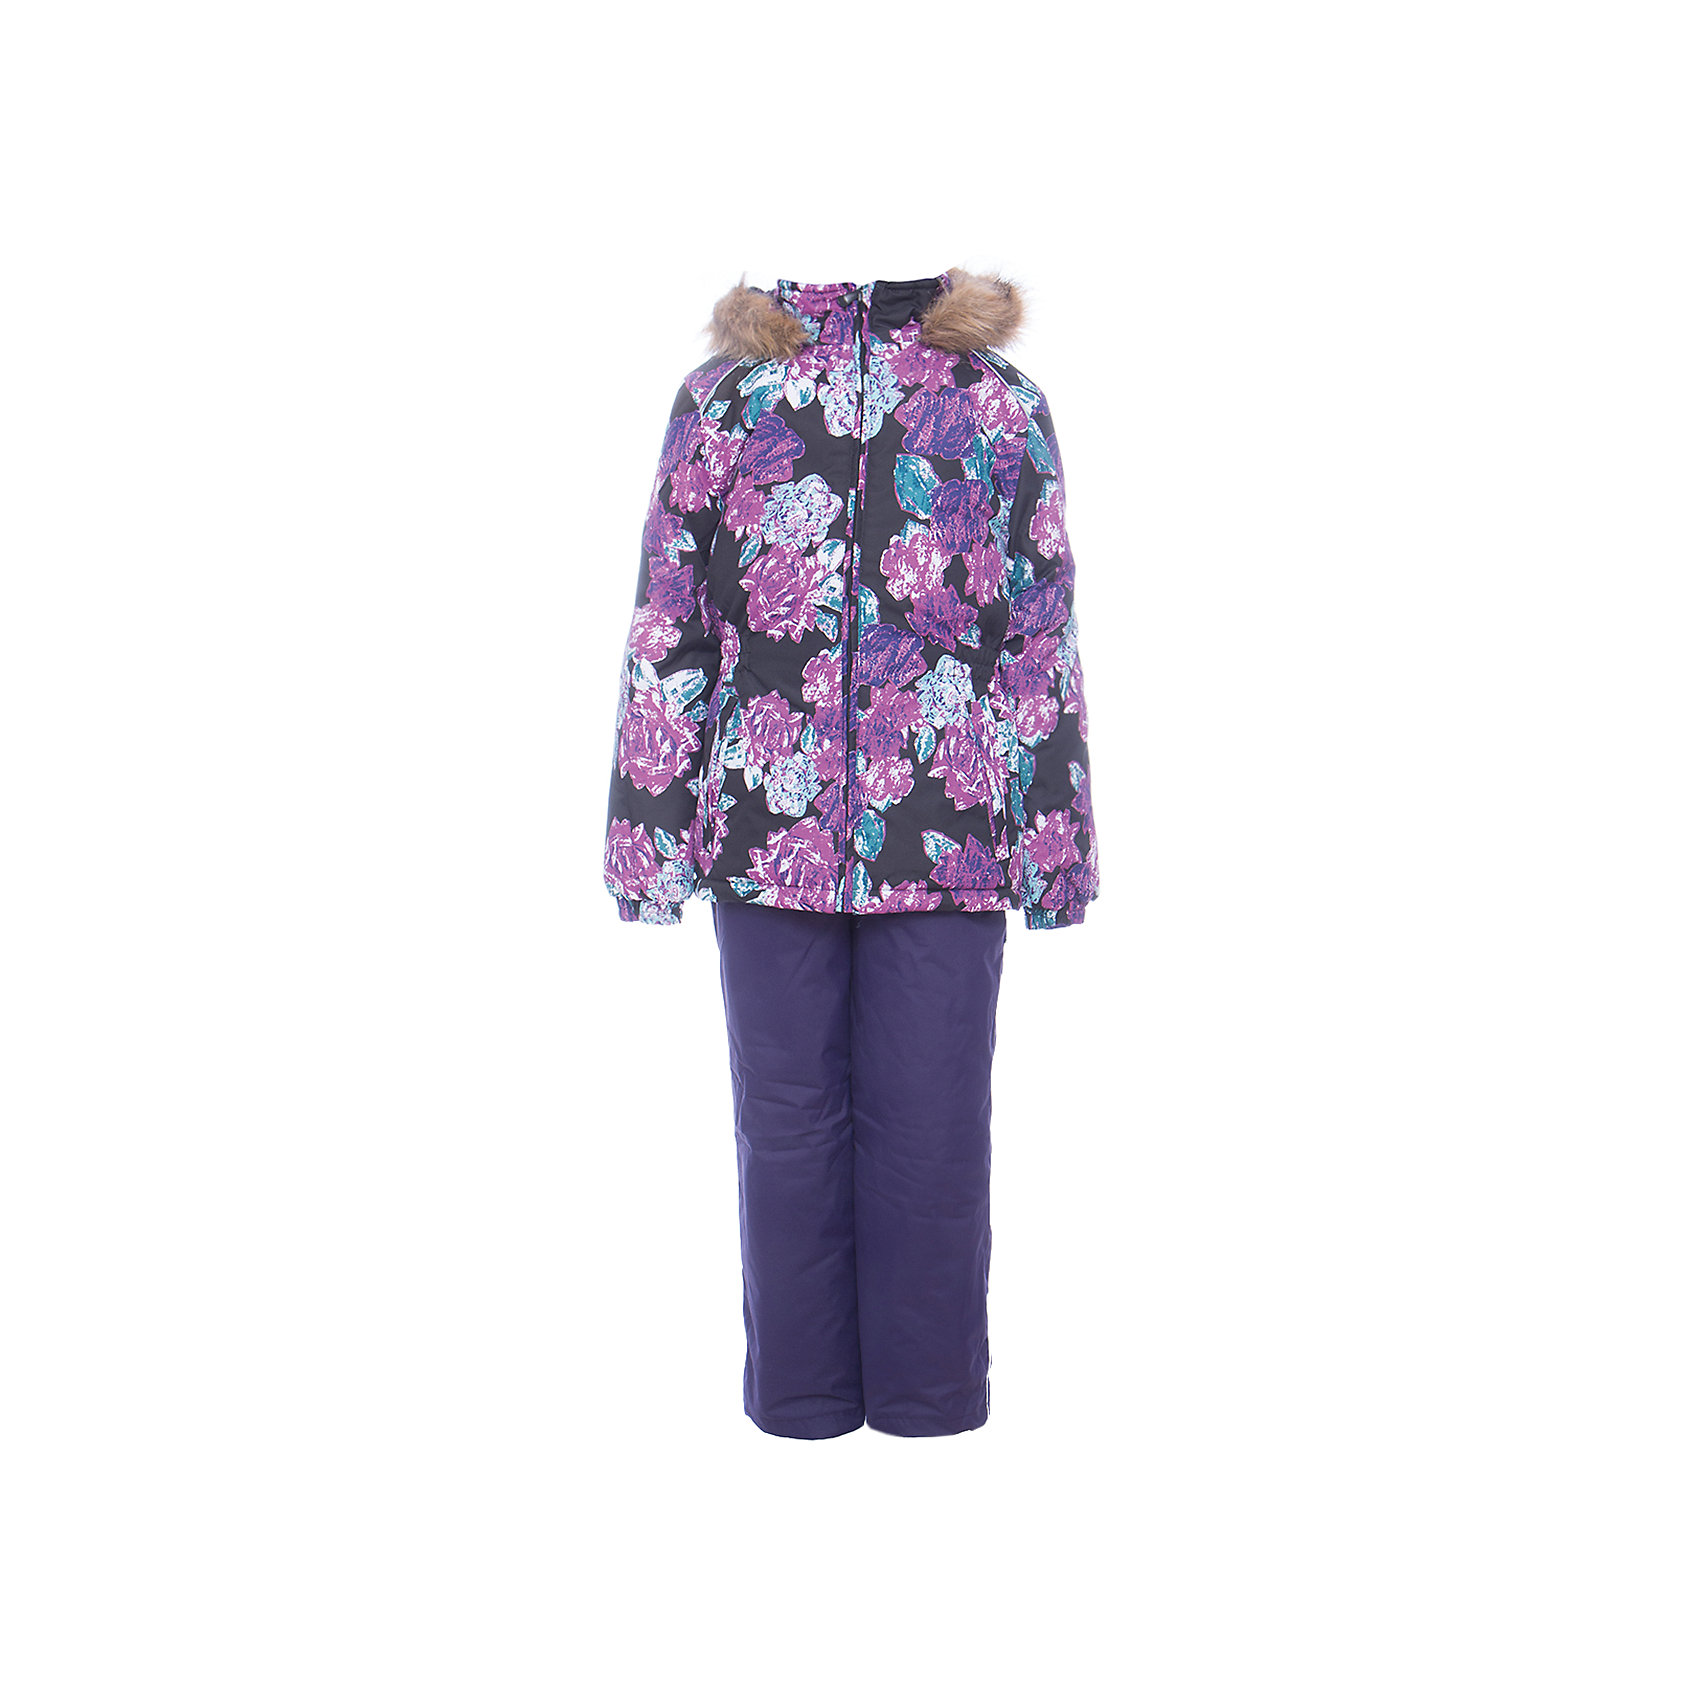 Комплект: куртка и брюки WONDER Huppa для девочкиВерхняя одежда<br>Комплект для девочек WONDER.Водо и воздухонепроницаемость  10 000.Утеплитель 300 гр куртка/160 гр брюки.Подкладка тафта, флис 100% полиэстер.Отстегивающийся капюшон с мехом.Манжеты рукавов на резинке.Регулируемые низы.Внутренняя снегозащита брюк.Швы проклеены.Резиновые подтяжки.Имеются светоотражательные элементы.<br>Состав:<br>100% Полиэстер<br><br>Ширина мм: 356<br>Глубина мм: 10<br>Высота мм: 245<br>Вес г: 519<br>Цвет: лиловый<br>Возраст от месяцев: 18<br>Возраст до месяцев: 24<br>Пол: Женский<br>Возраст: Детский<br>Размер: 92,140,134,128,122,116,110,104,98<br>SKU: 7027078